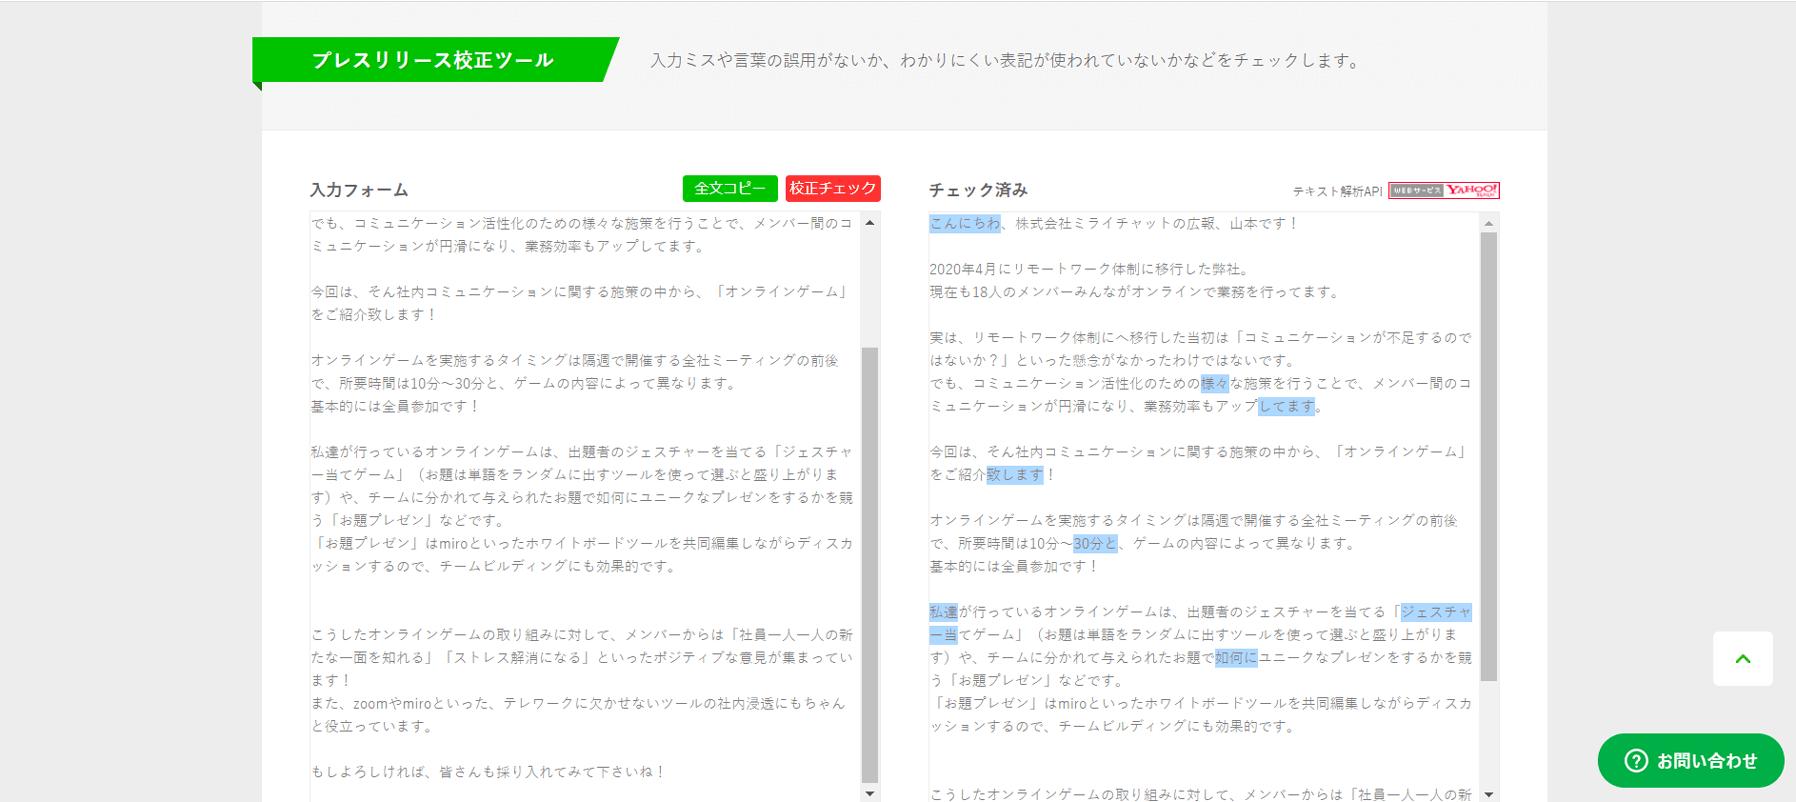 プレスリリース校正ツール使用画像